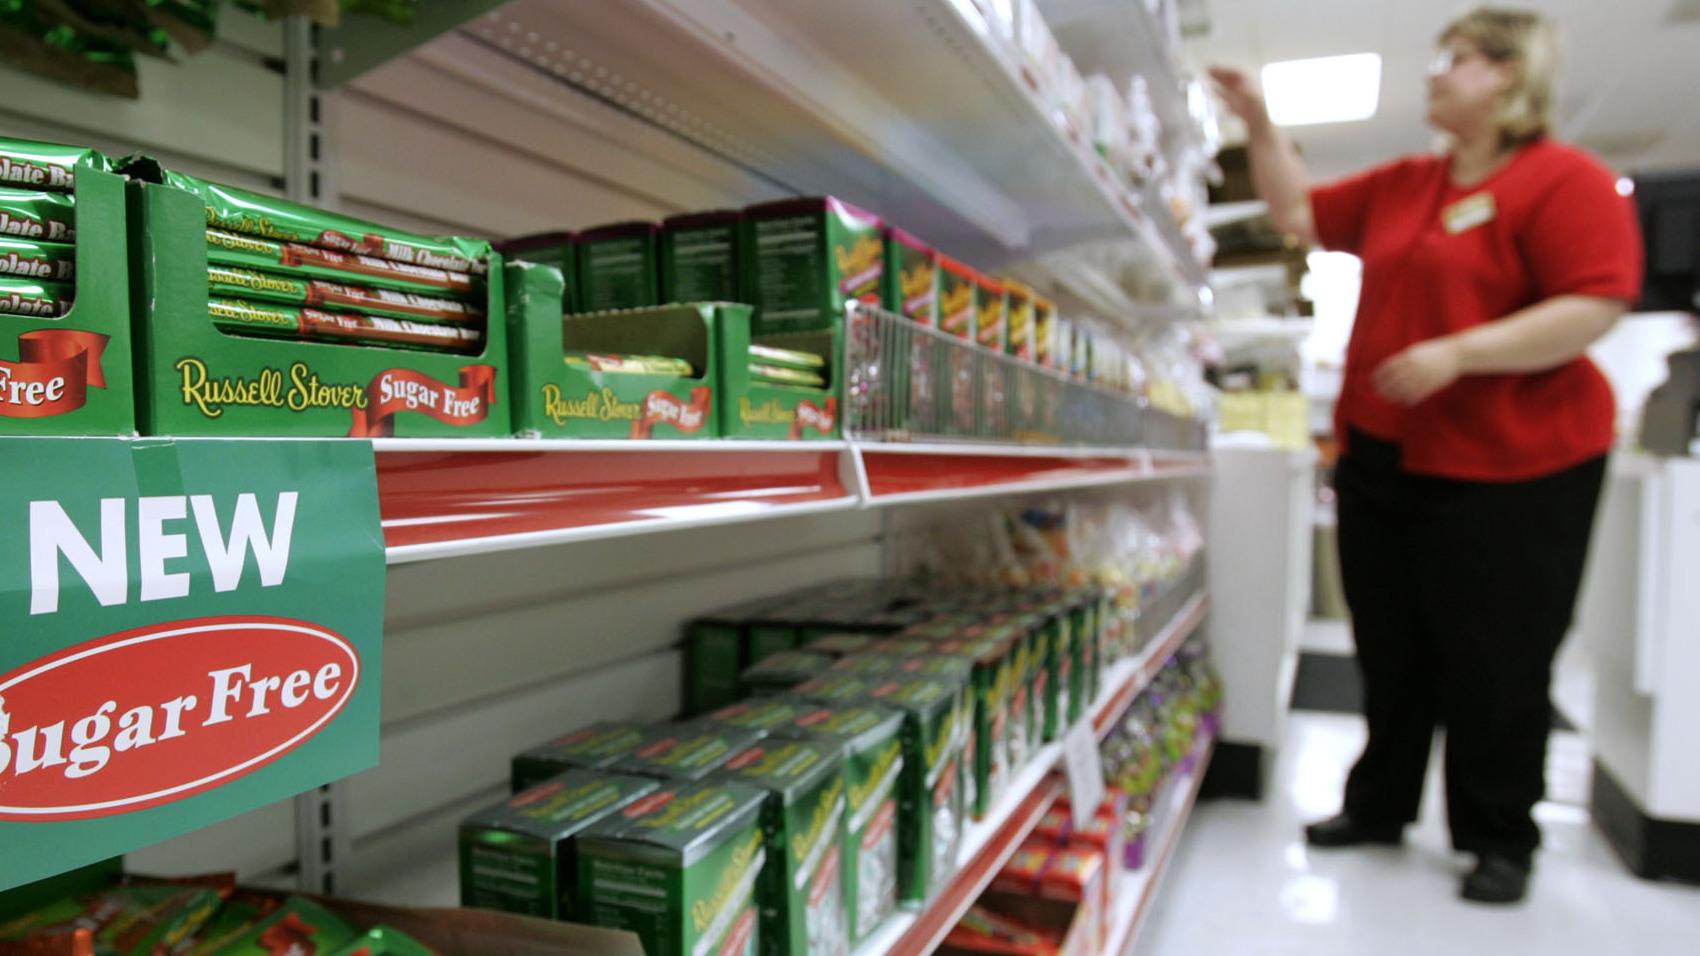 stover_shelves